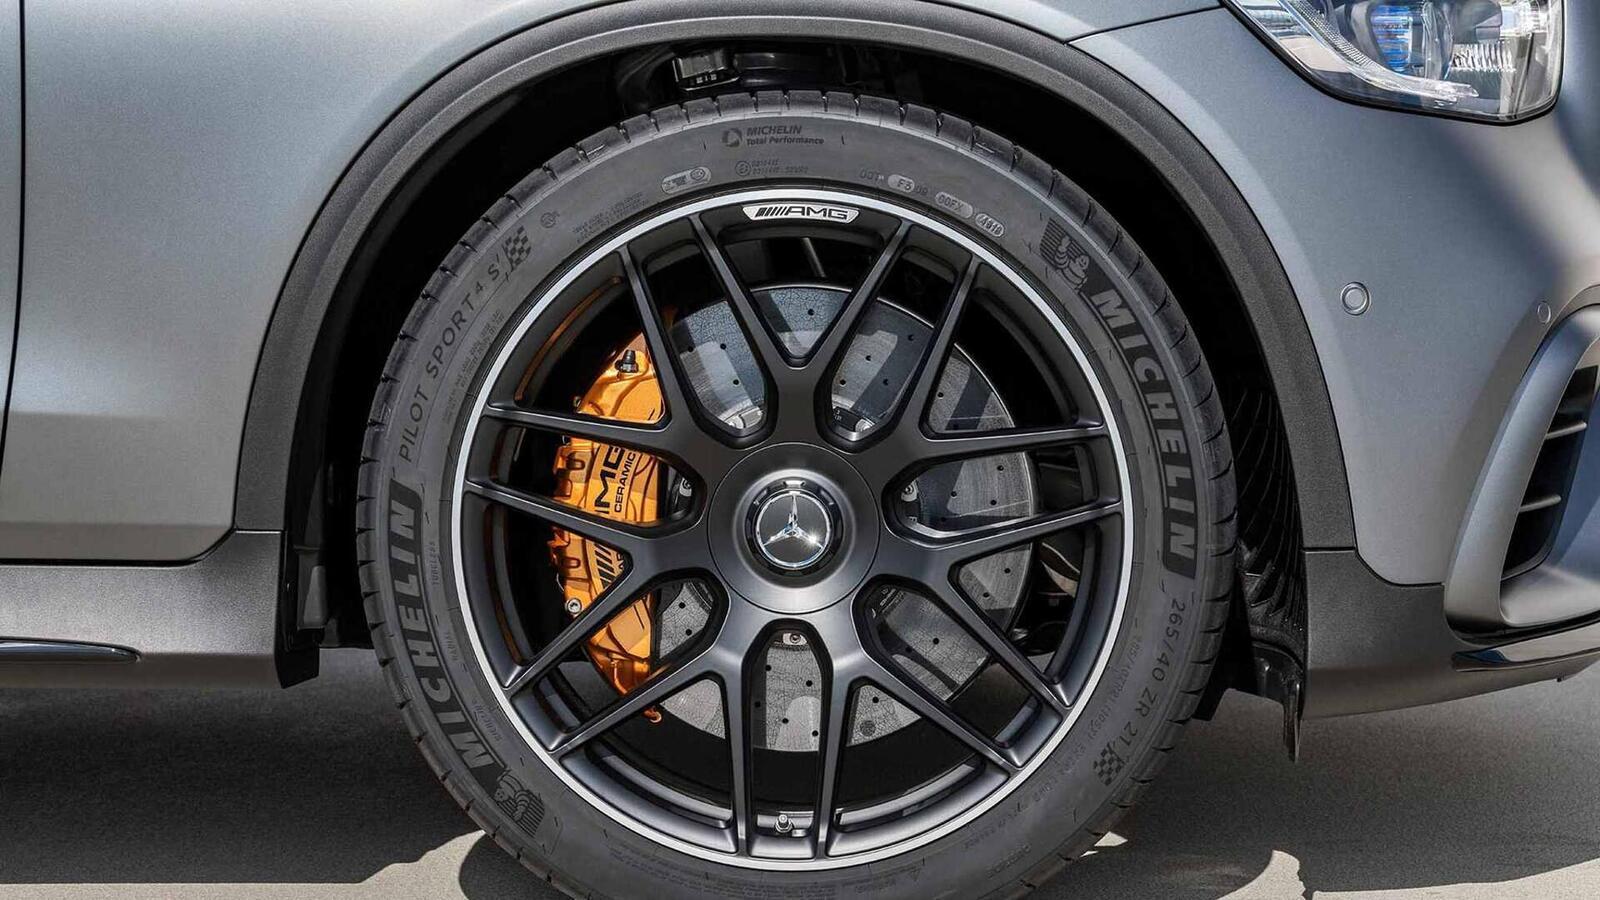 Mercedes-AMG giới thiệu GLC và GLC Coupe 63 mới lắp động cơ V8 4.0L Biturbo mạnh hơn 460 mã lực - Hình 7